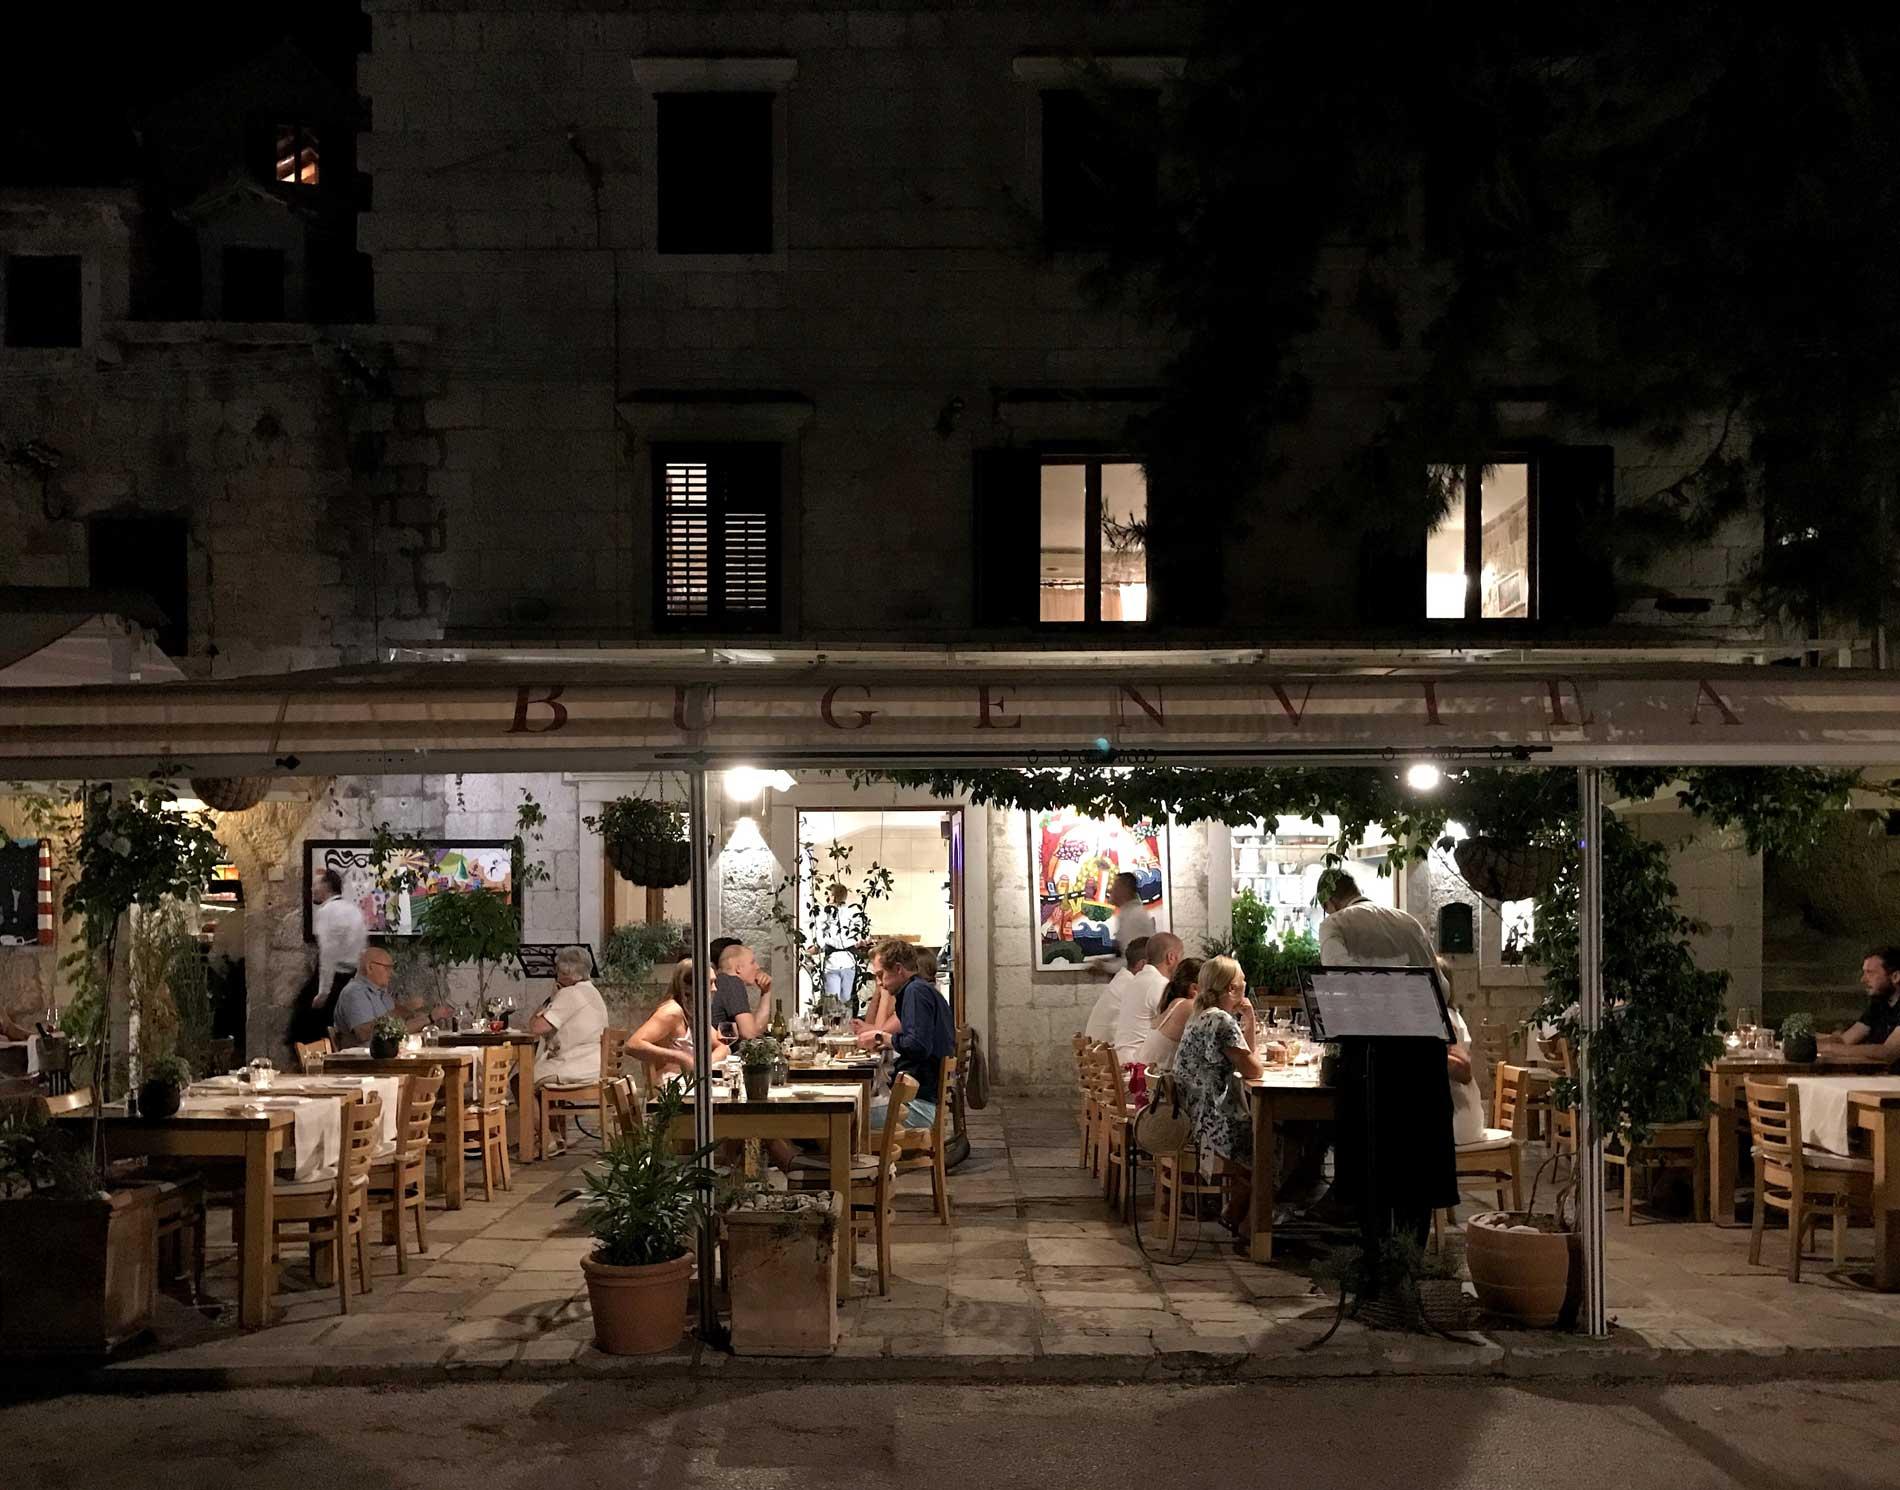 Cavtat-Dubrovnik-Croazia-ristorante-lungomare-notte-luci